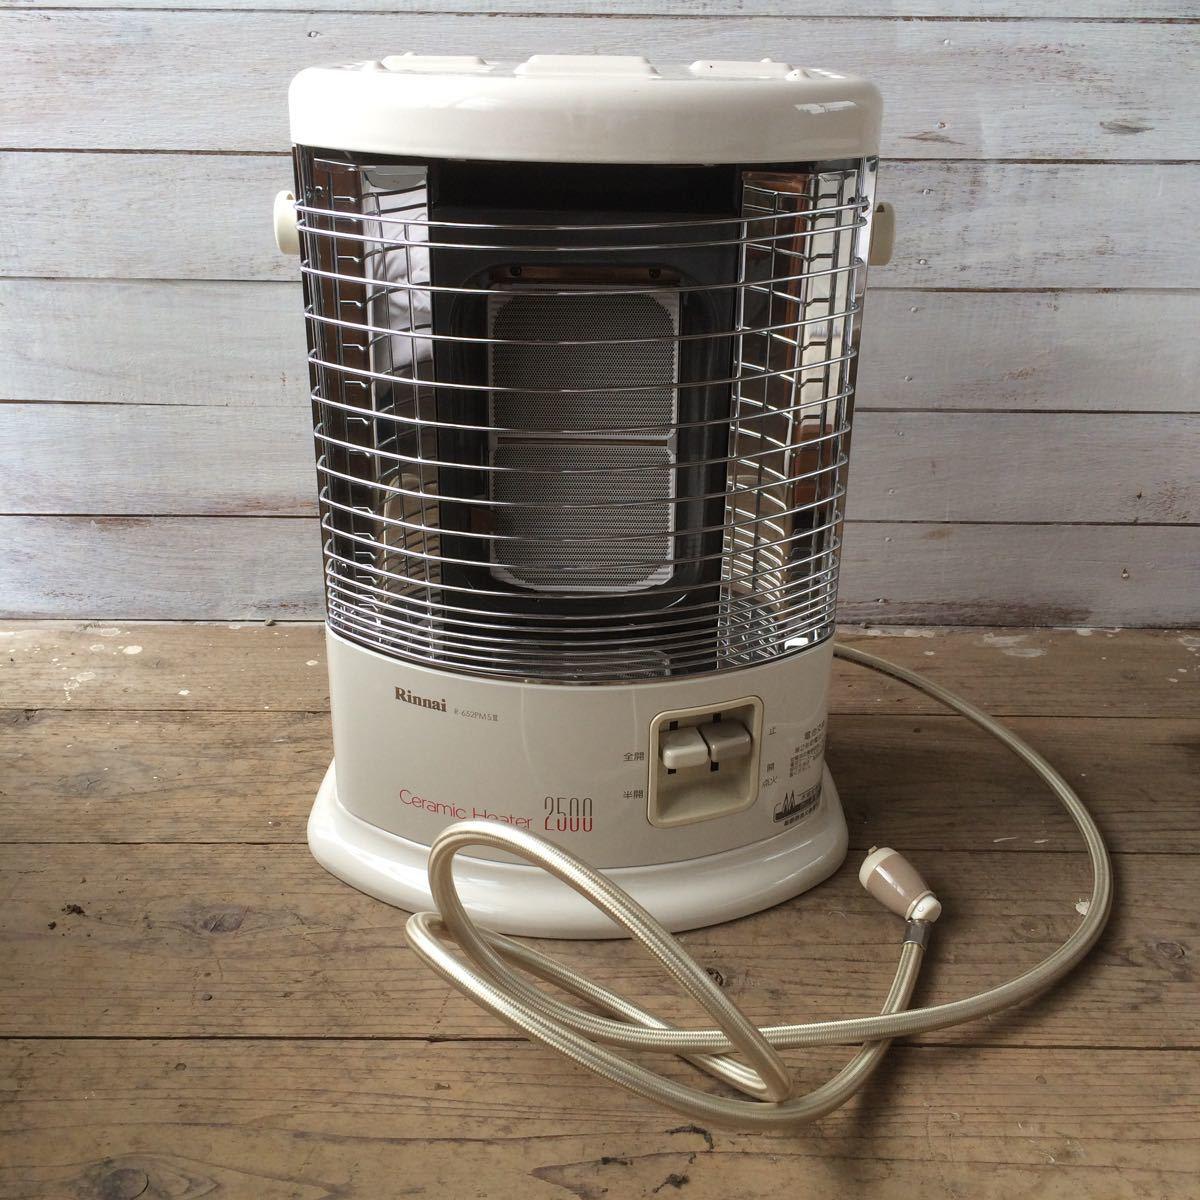 【美品】 Rinnai リンナイ ガス赤外線ストーブ ガスストーブ R-652PMS Ⅲ-402 都市ガス用 上部湯沸かし